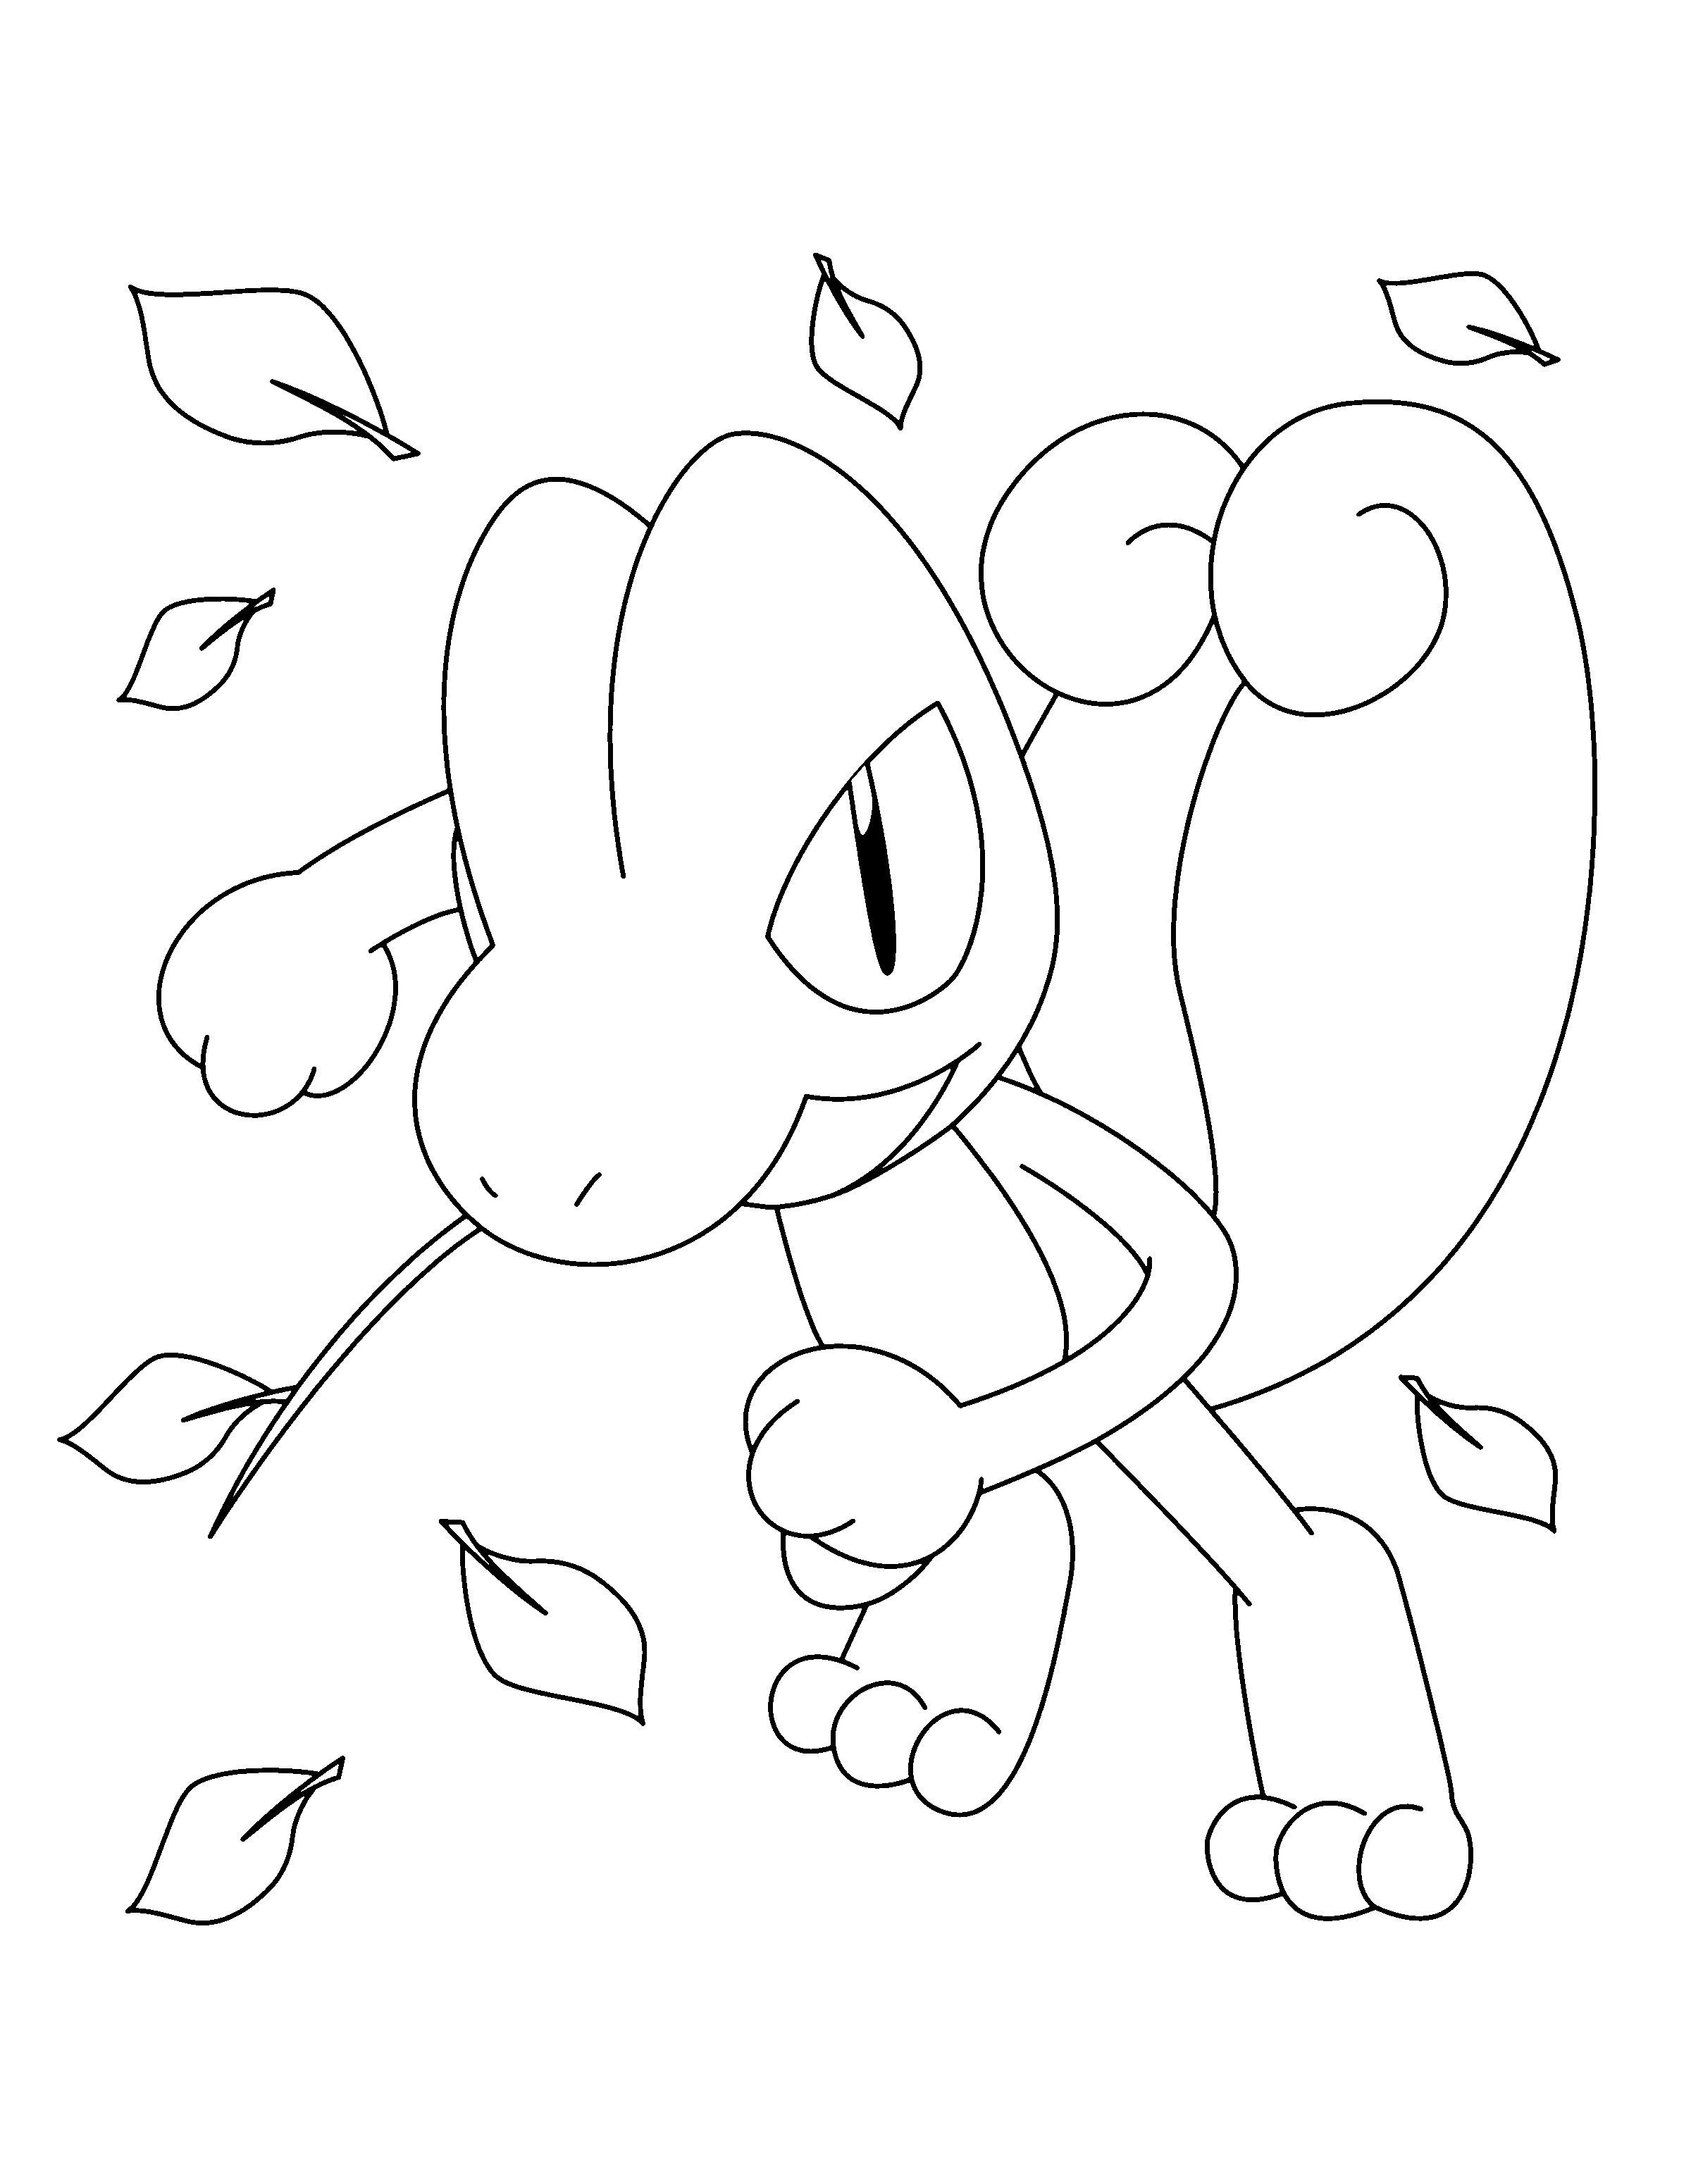 Pokemon Bilder Zum Ausdrucken In Farbe Frisch Malvorlagen Igel Frisch Igel Grundschule 0d Archives Uploadertalk Das Bild